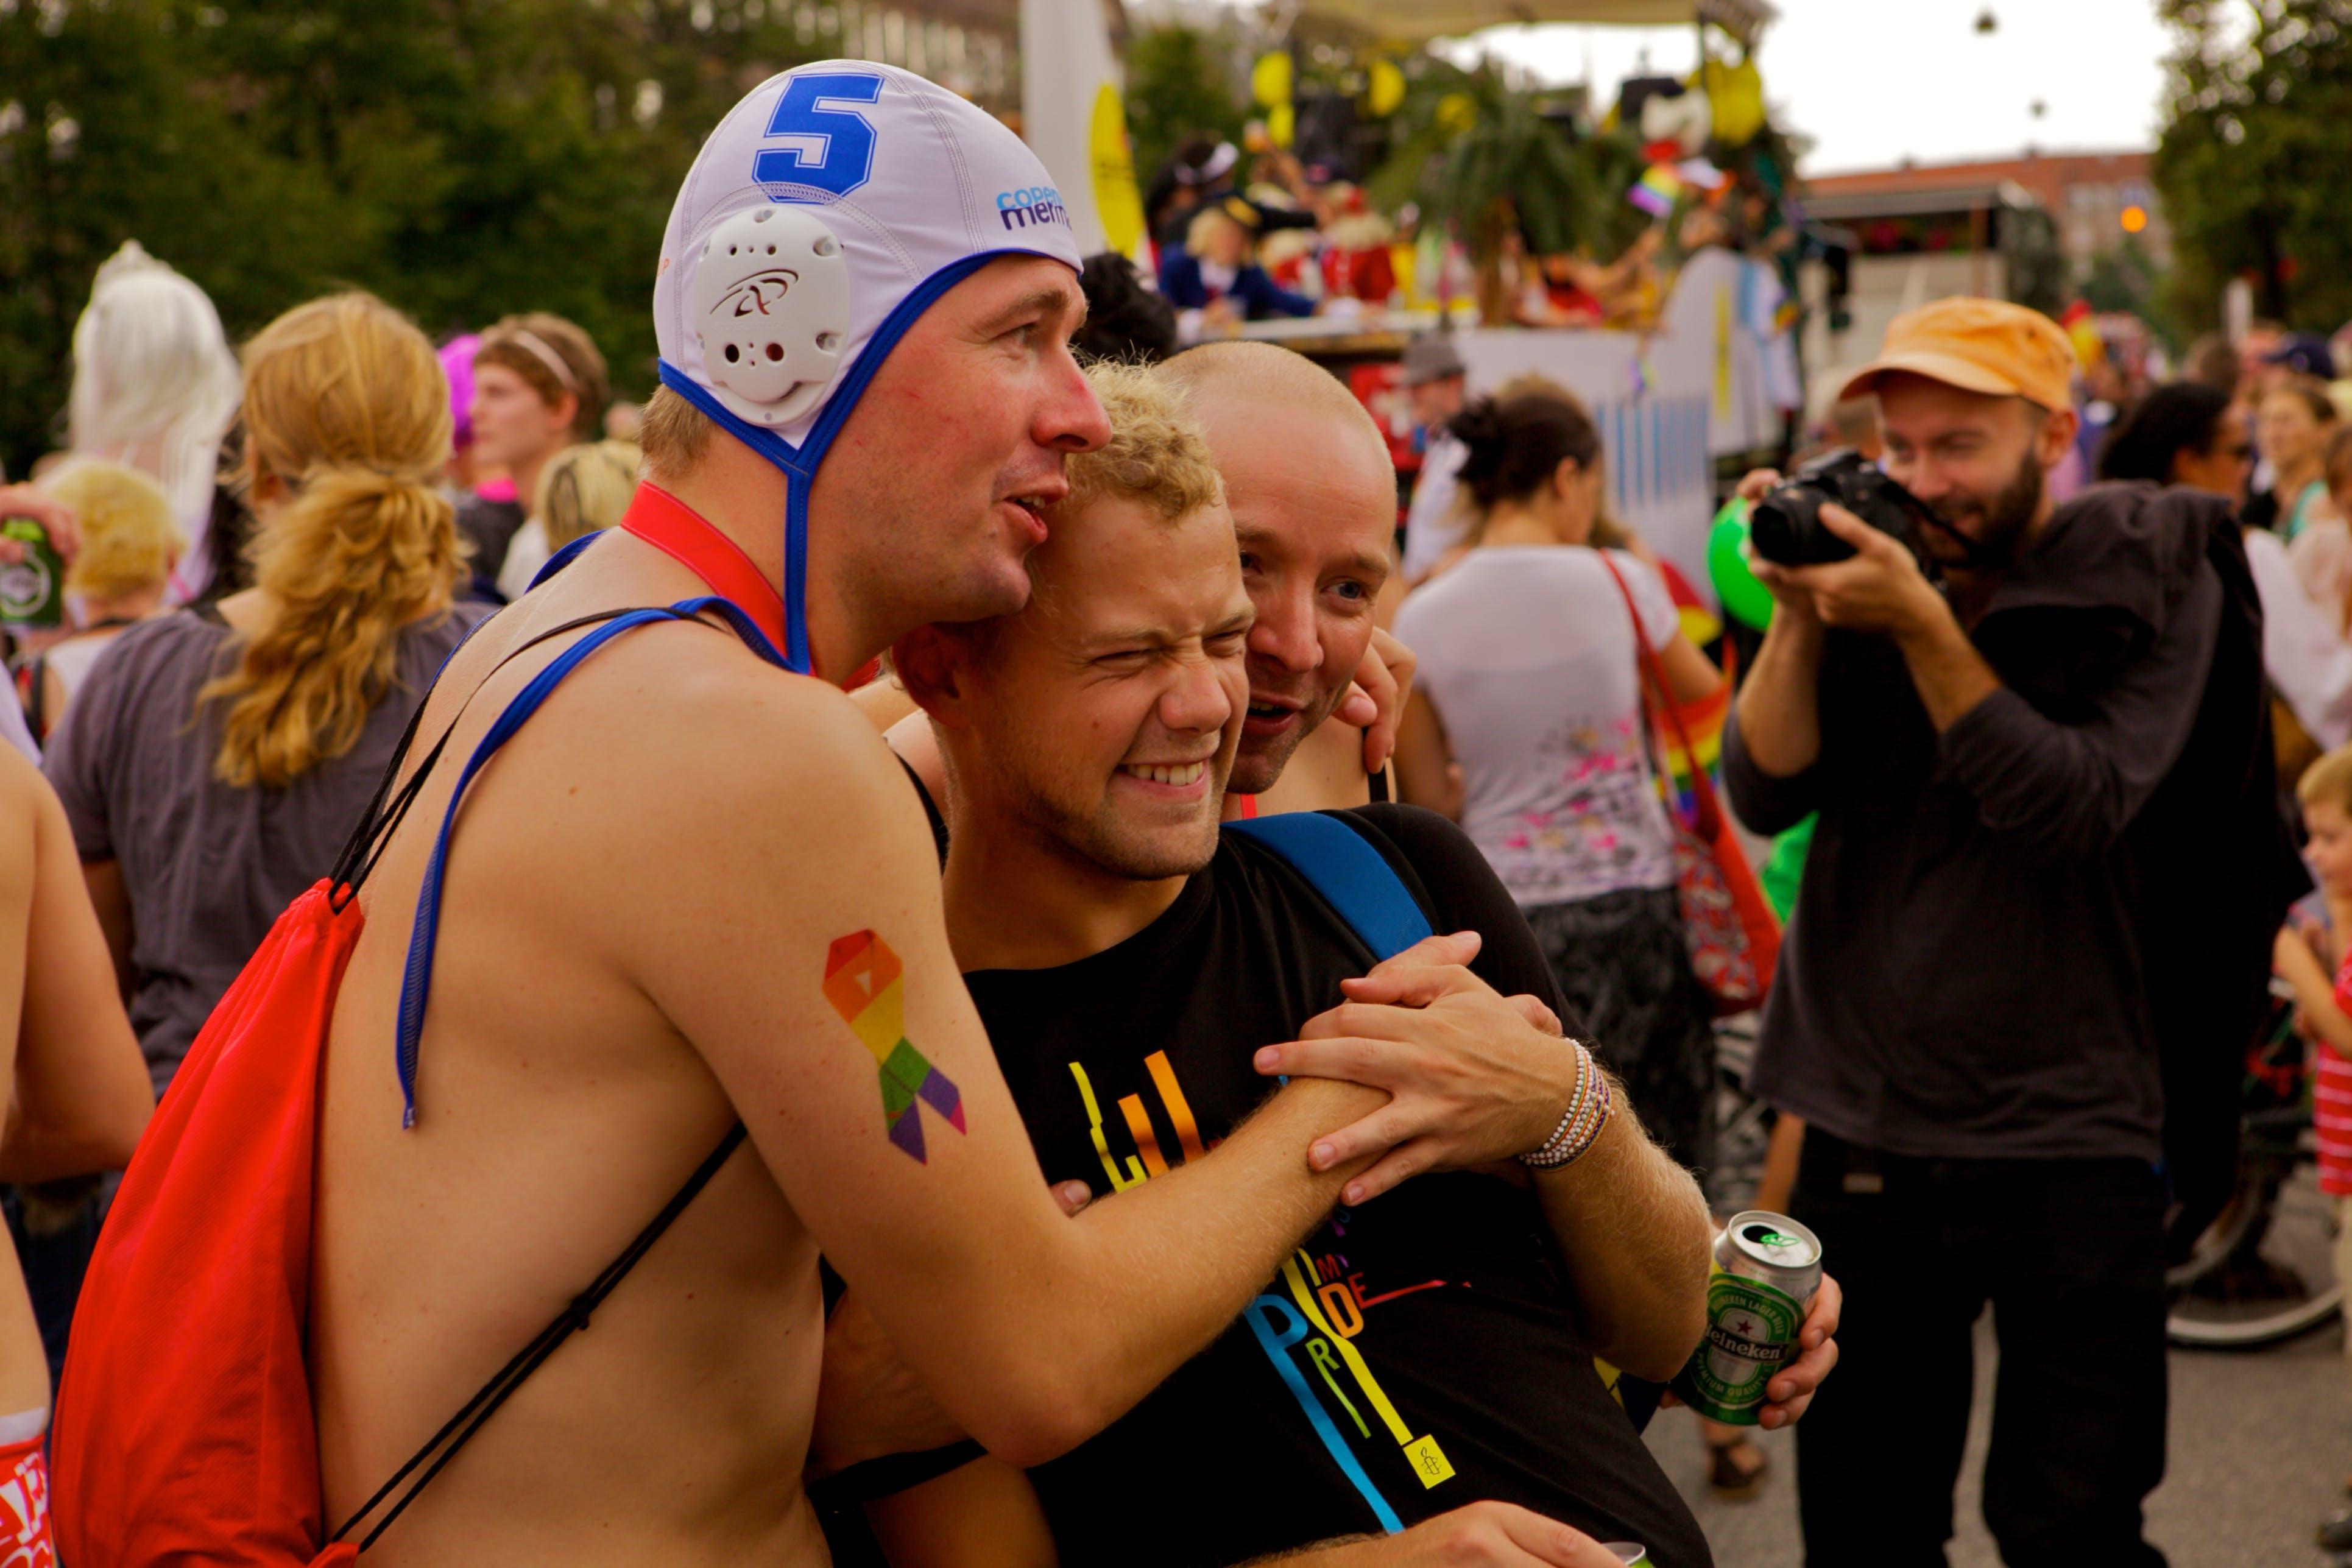 Accepten omkring homoseksualitet stiger blandt københavnere. Foto: CCBY Janus Bahs Jacquet